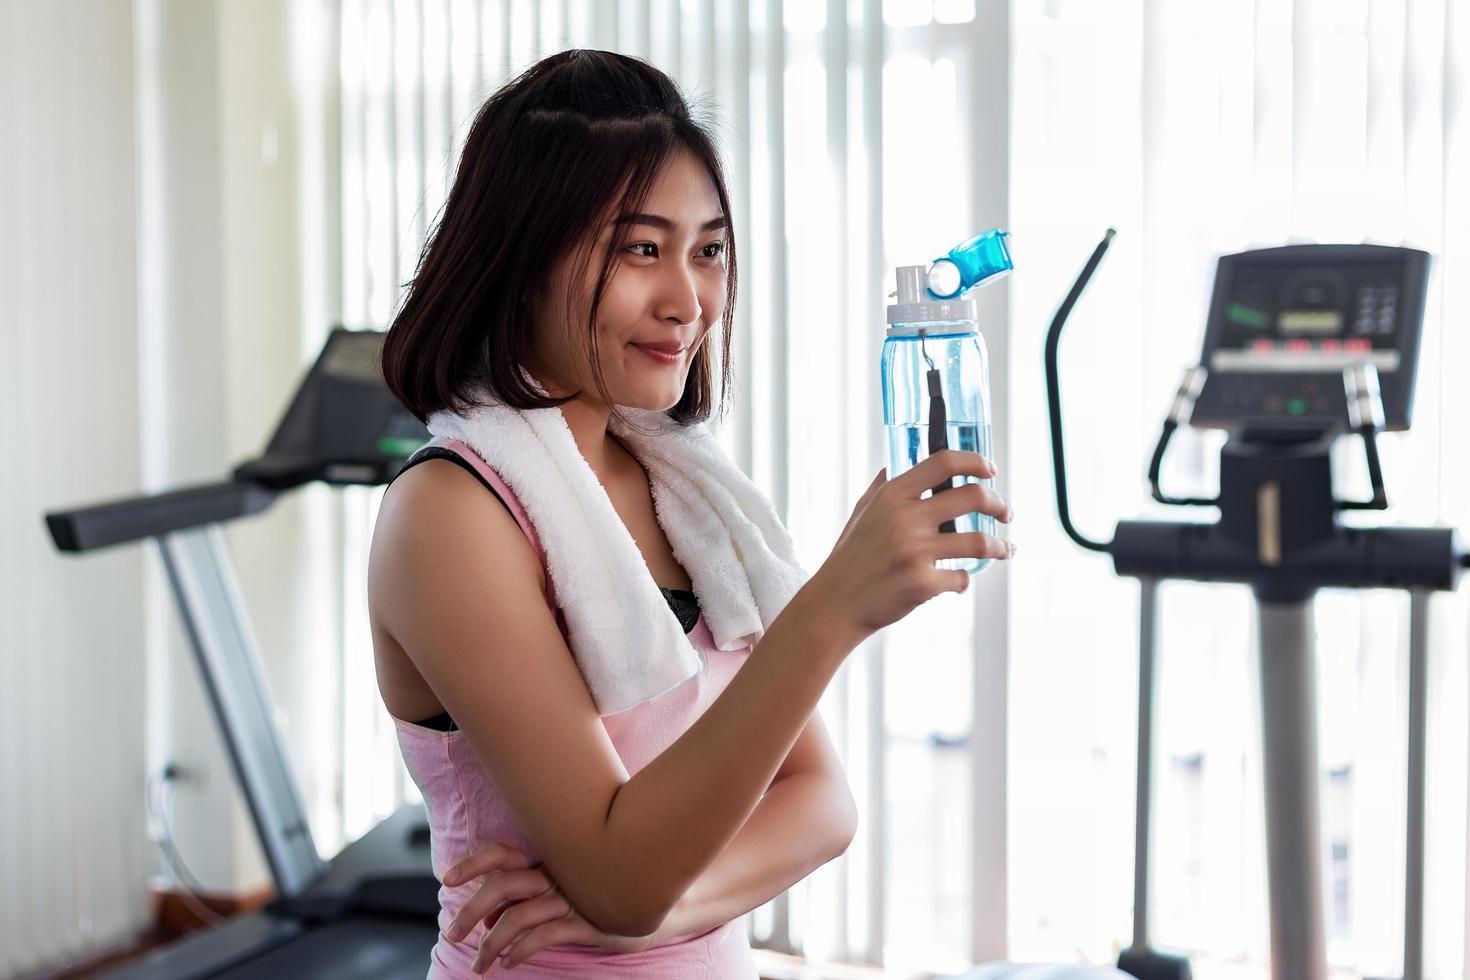 Frau mit Wasserflasche im Fitnessstudio foto